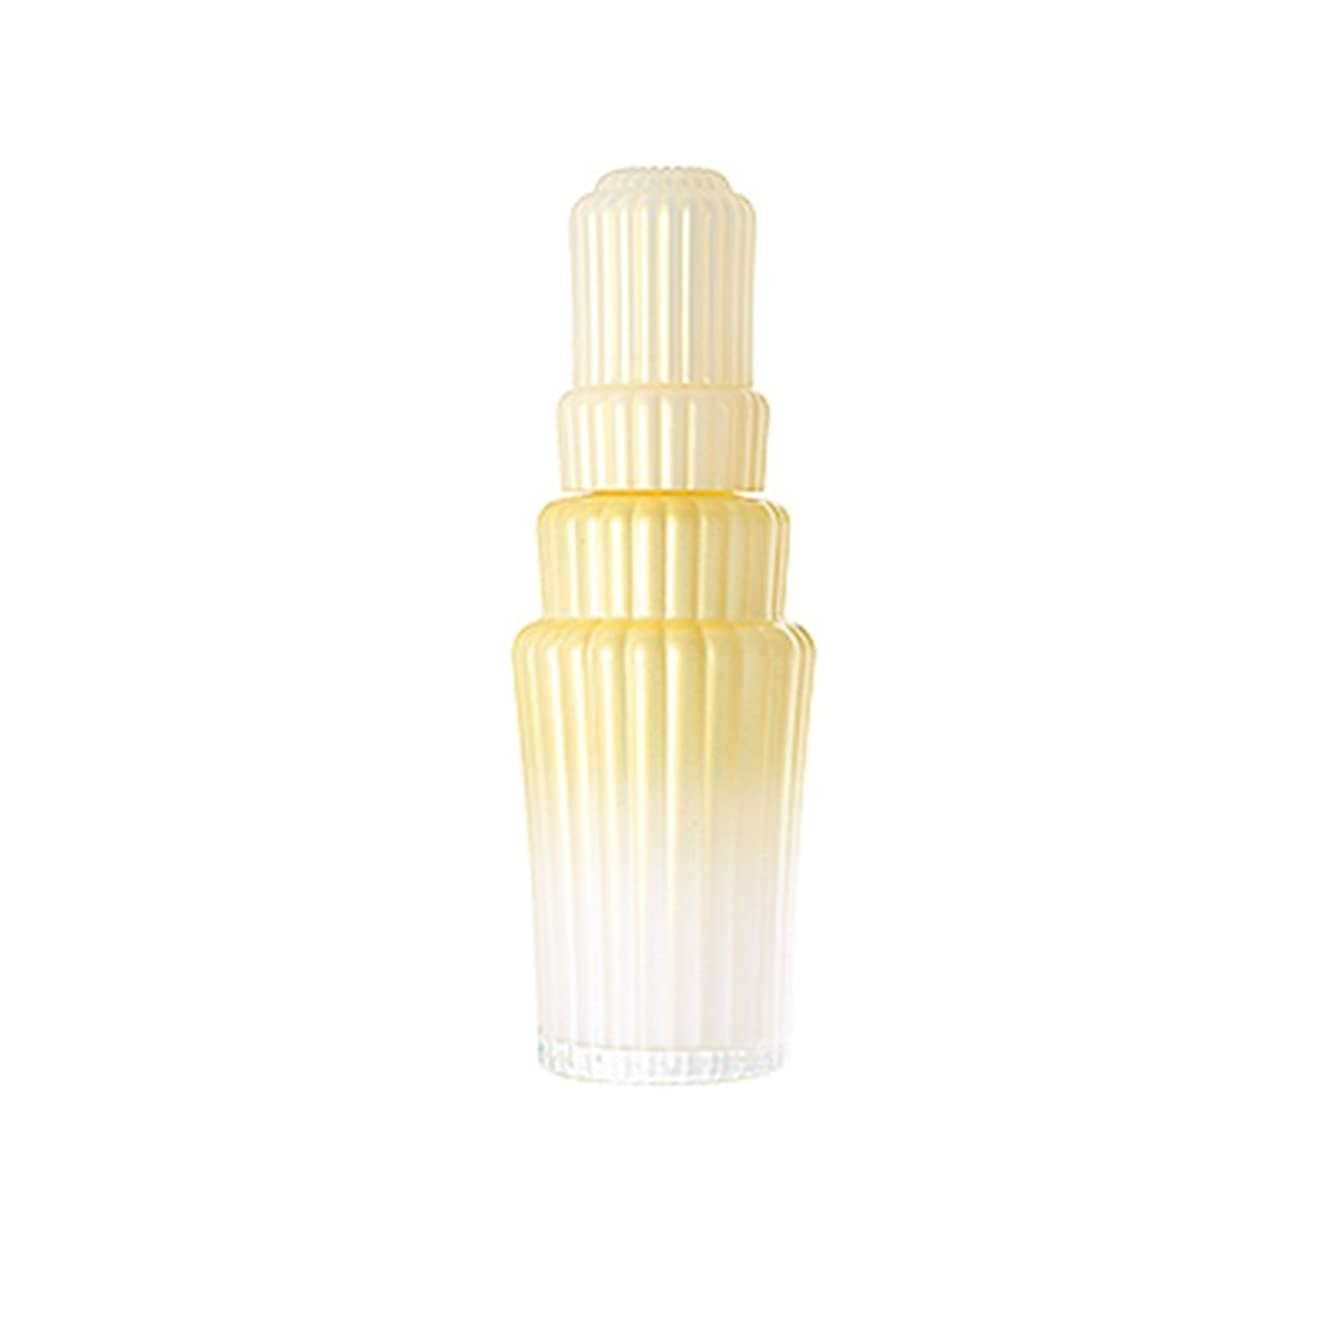 寛解可能白内障アユーラ (AYURA) モイスチャライジングプライマー コンビネーションドライ W (医薬部外品) 100mL 〈美白化粧液〉 混合乾燥ケア うるおい アロマティックハーブの香り